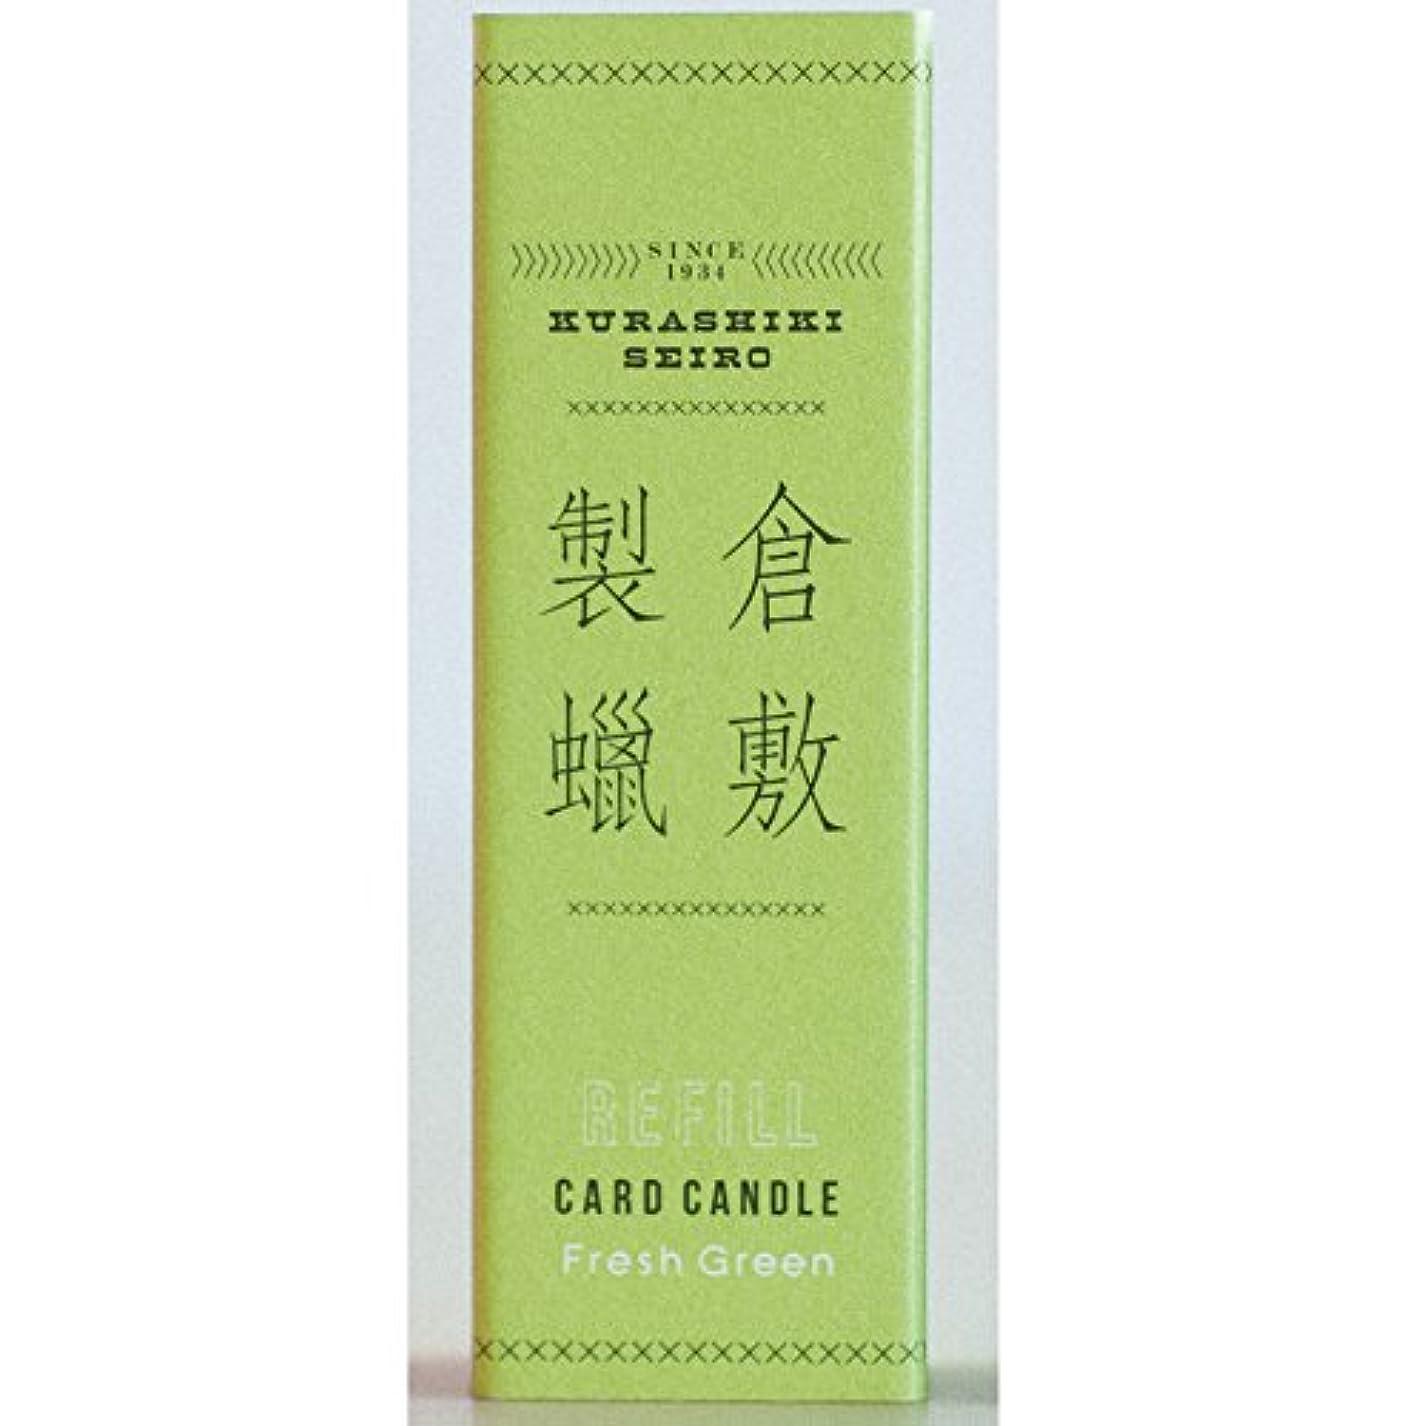 酸っぱい不条理イタリアの倉敷製蝋 CARD CANDLE REFILL (Fresh Green)